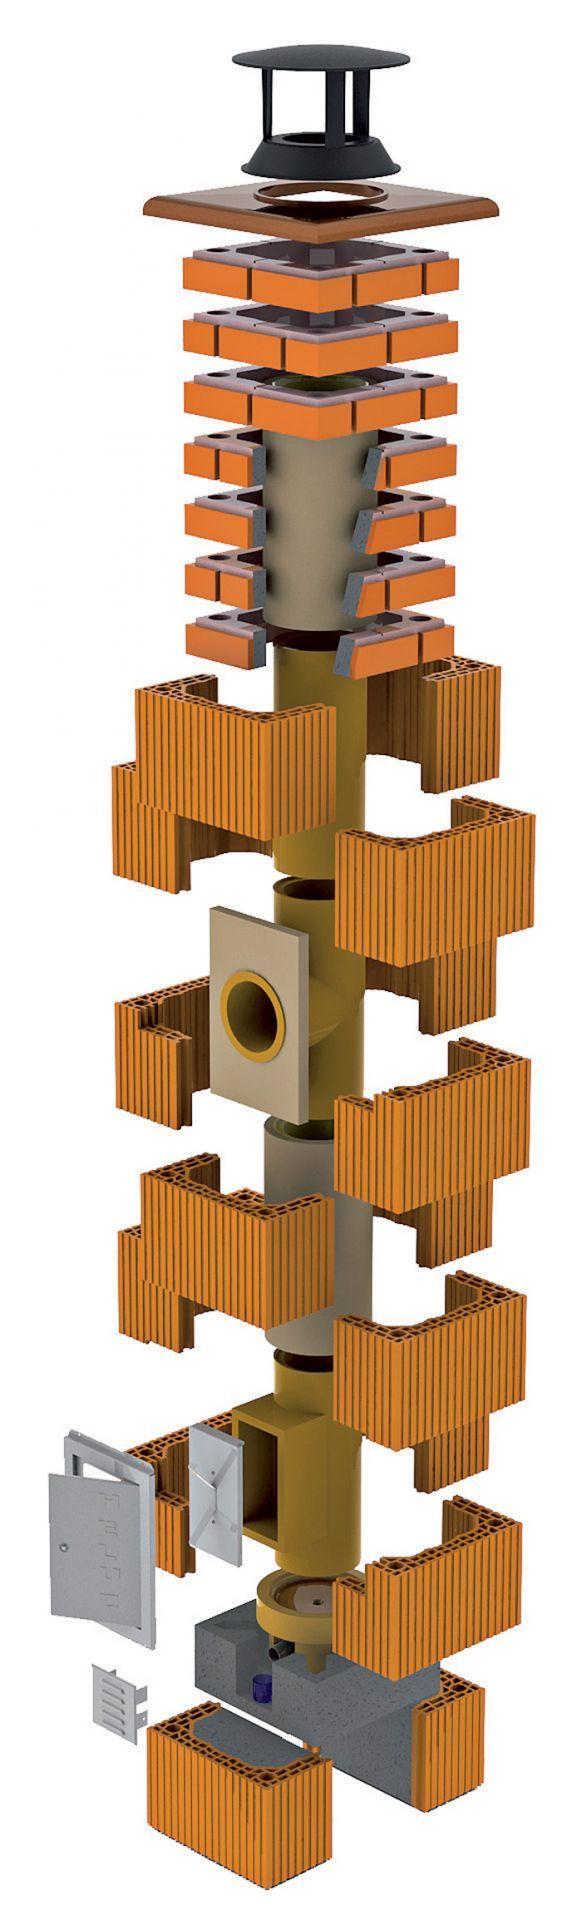 Tehlový komín s klasickou šamotovou vložkou na všetky palivá s prirodzeným odťahom spalín (atmosférickou prevádzkou). Na obrázku je ukončený betónovými prstencami.